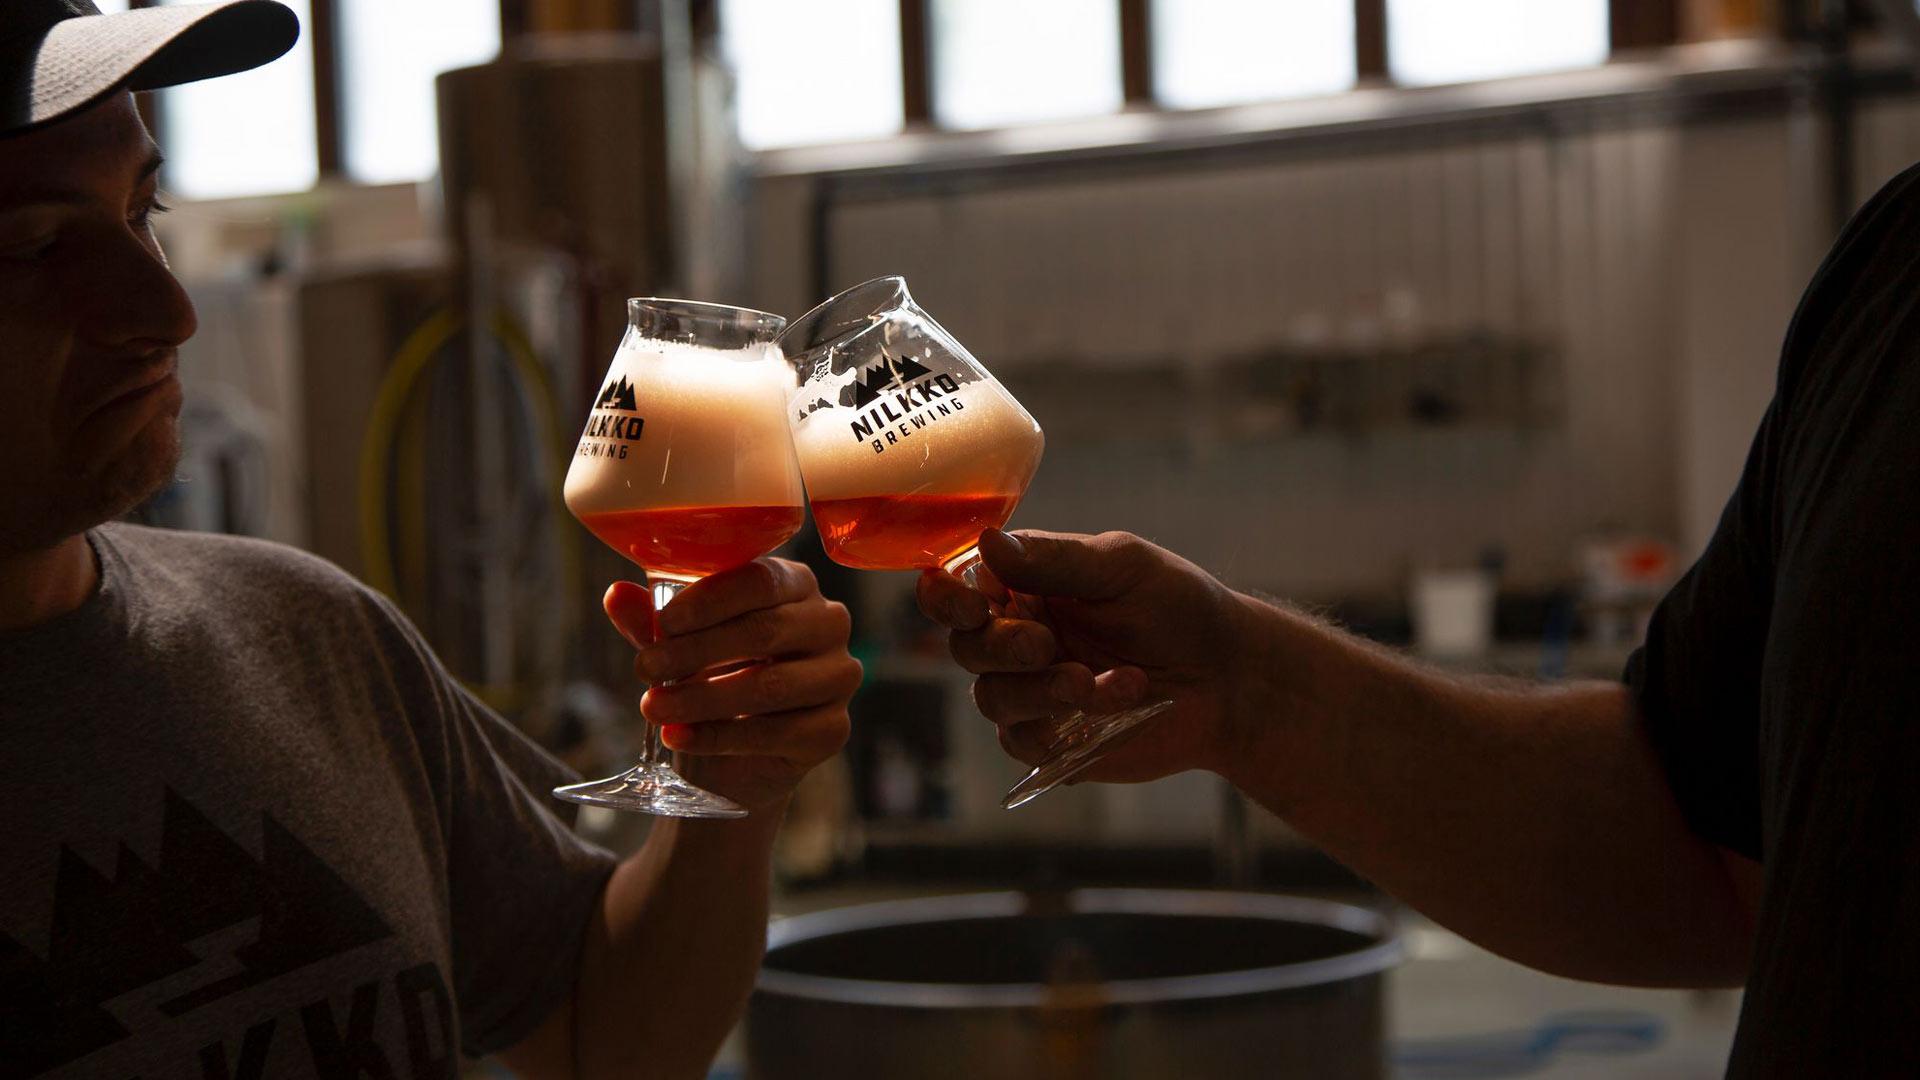 Paikallisen käsityöläispanimo Nilkko Brewingin oluita voi maistaa panimon omassa baarissa.